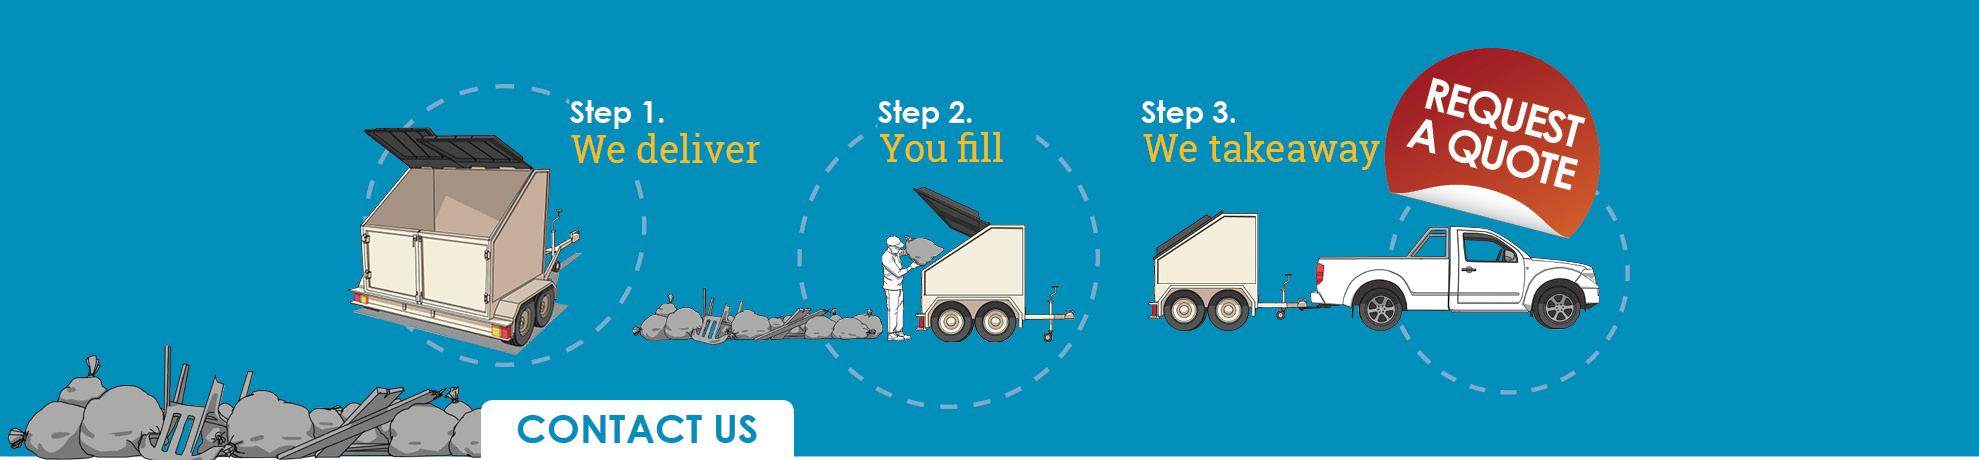 rubbish removal, mobile trailer skips, trailer bins